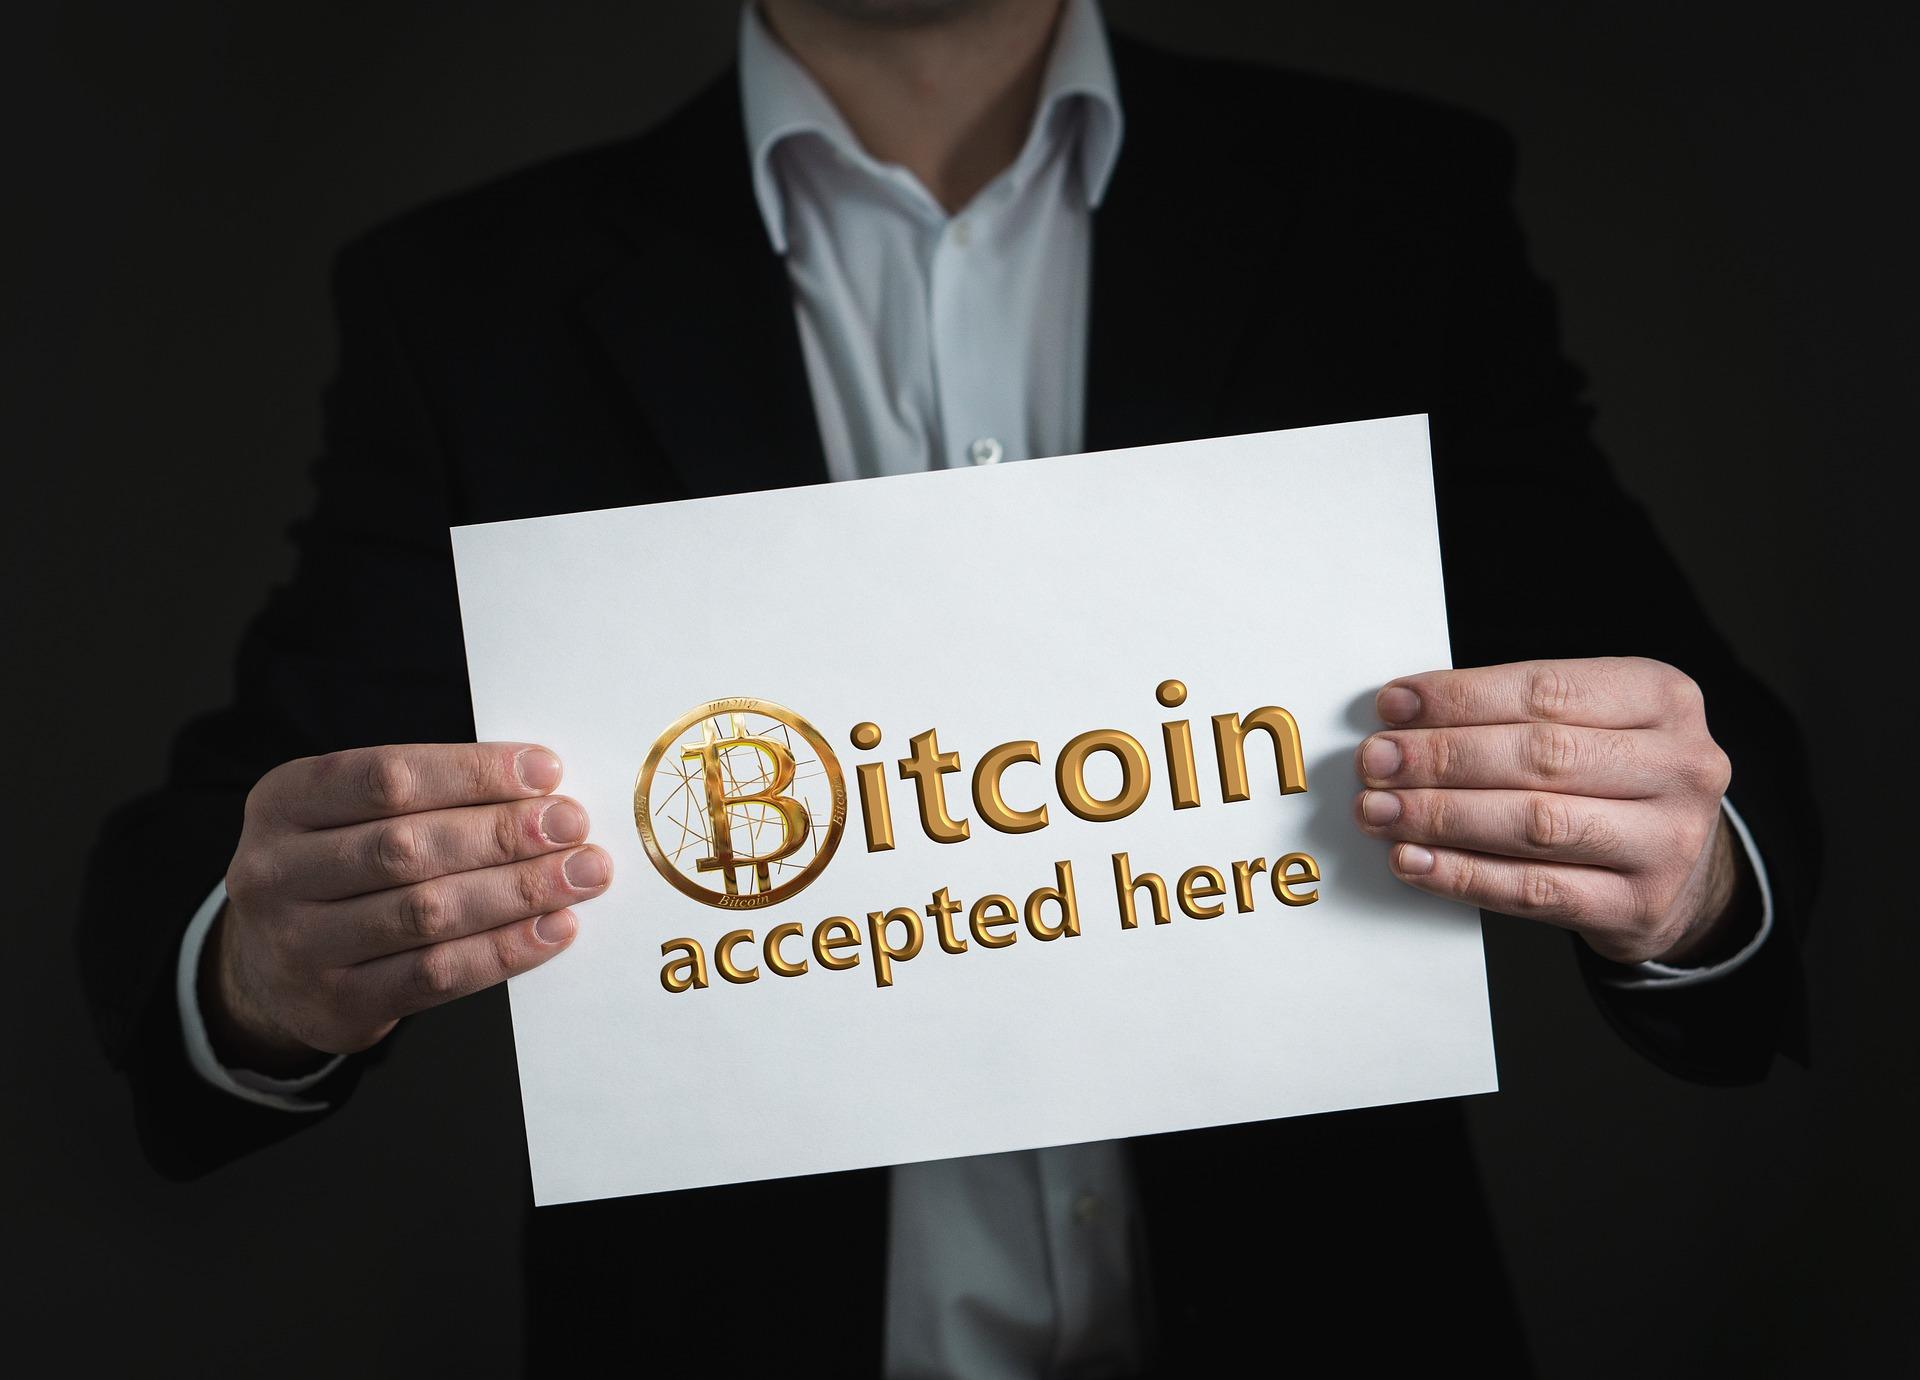 Bitcoin kazino Kriptovalūtas izmantošana